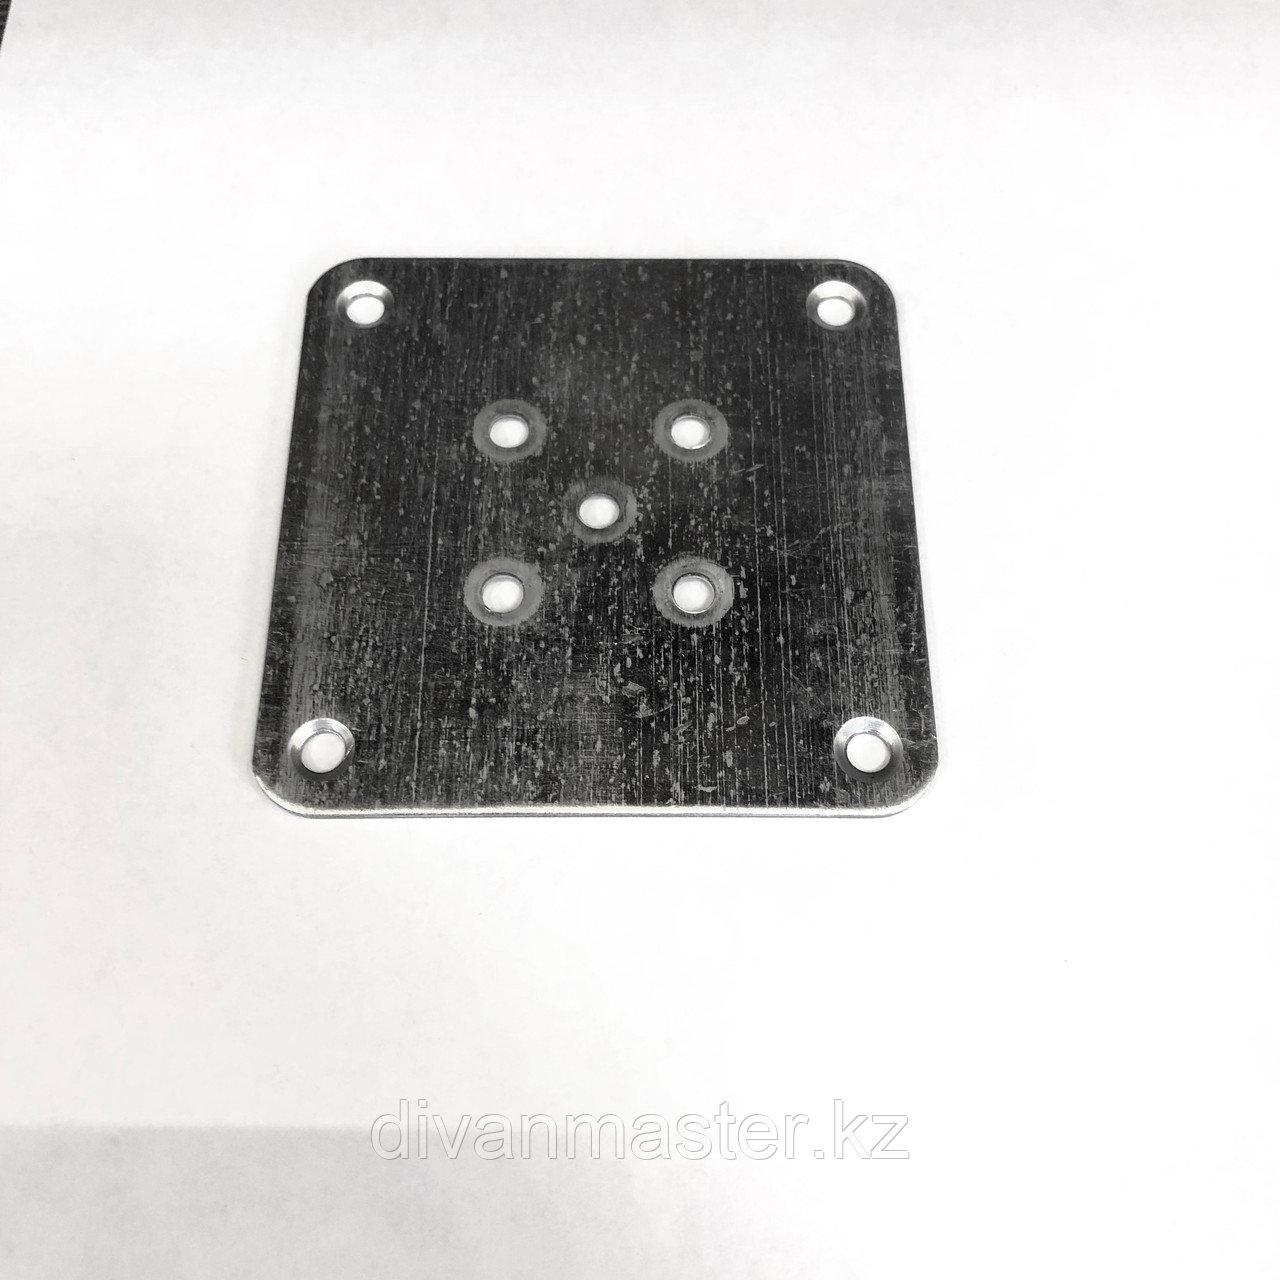 Пластина для крепления деревянных, мебельных опор 9х9см